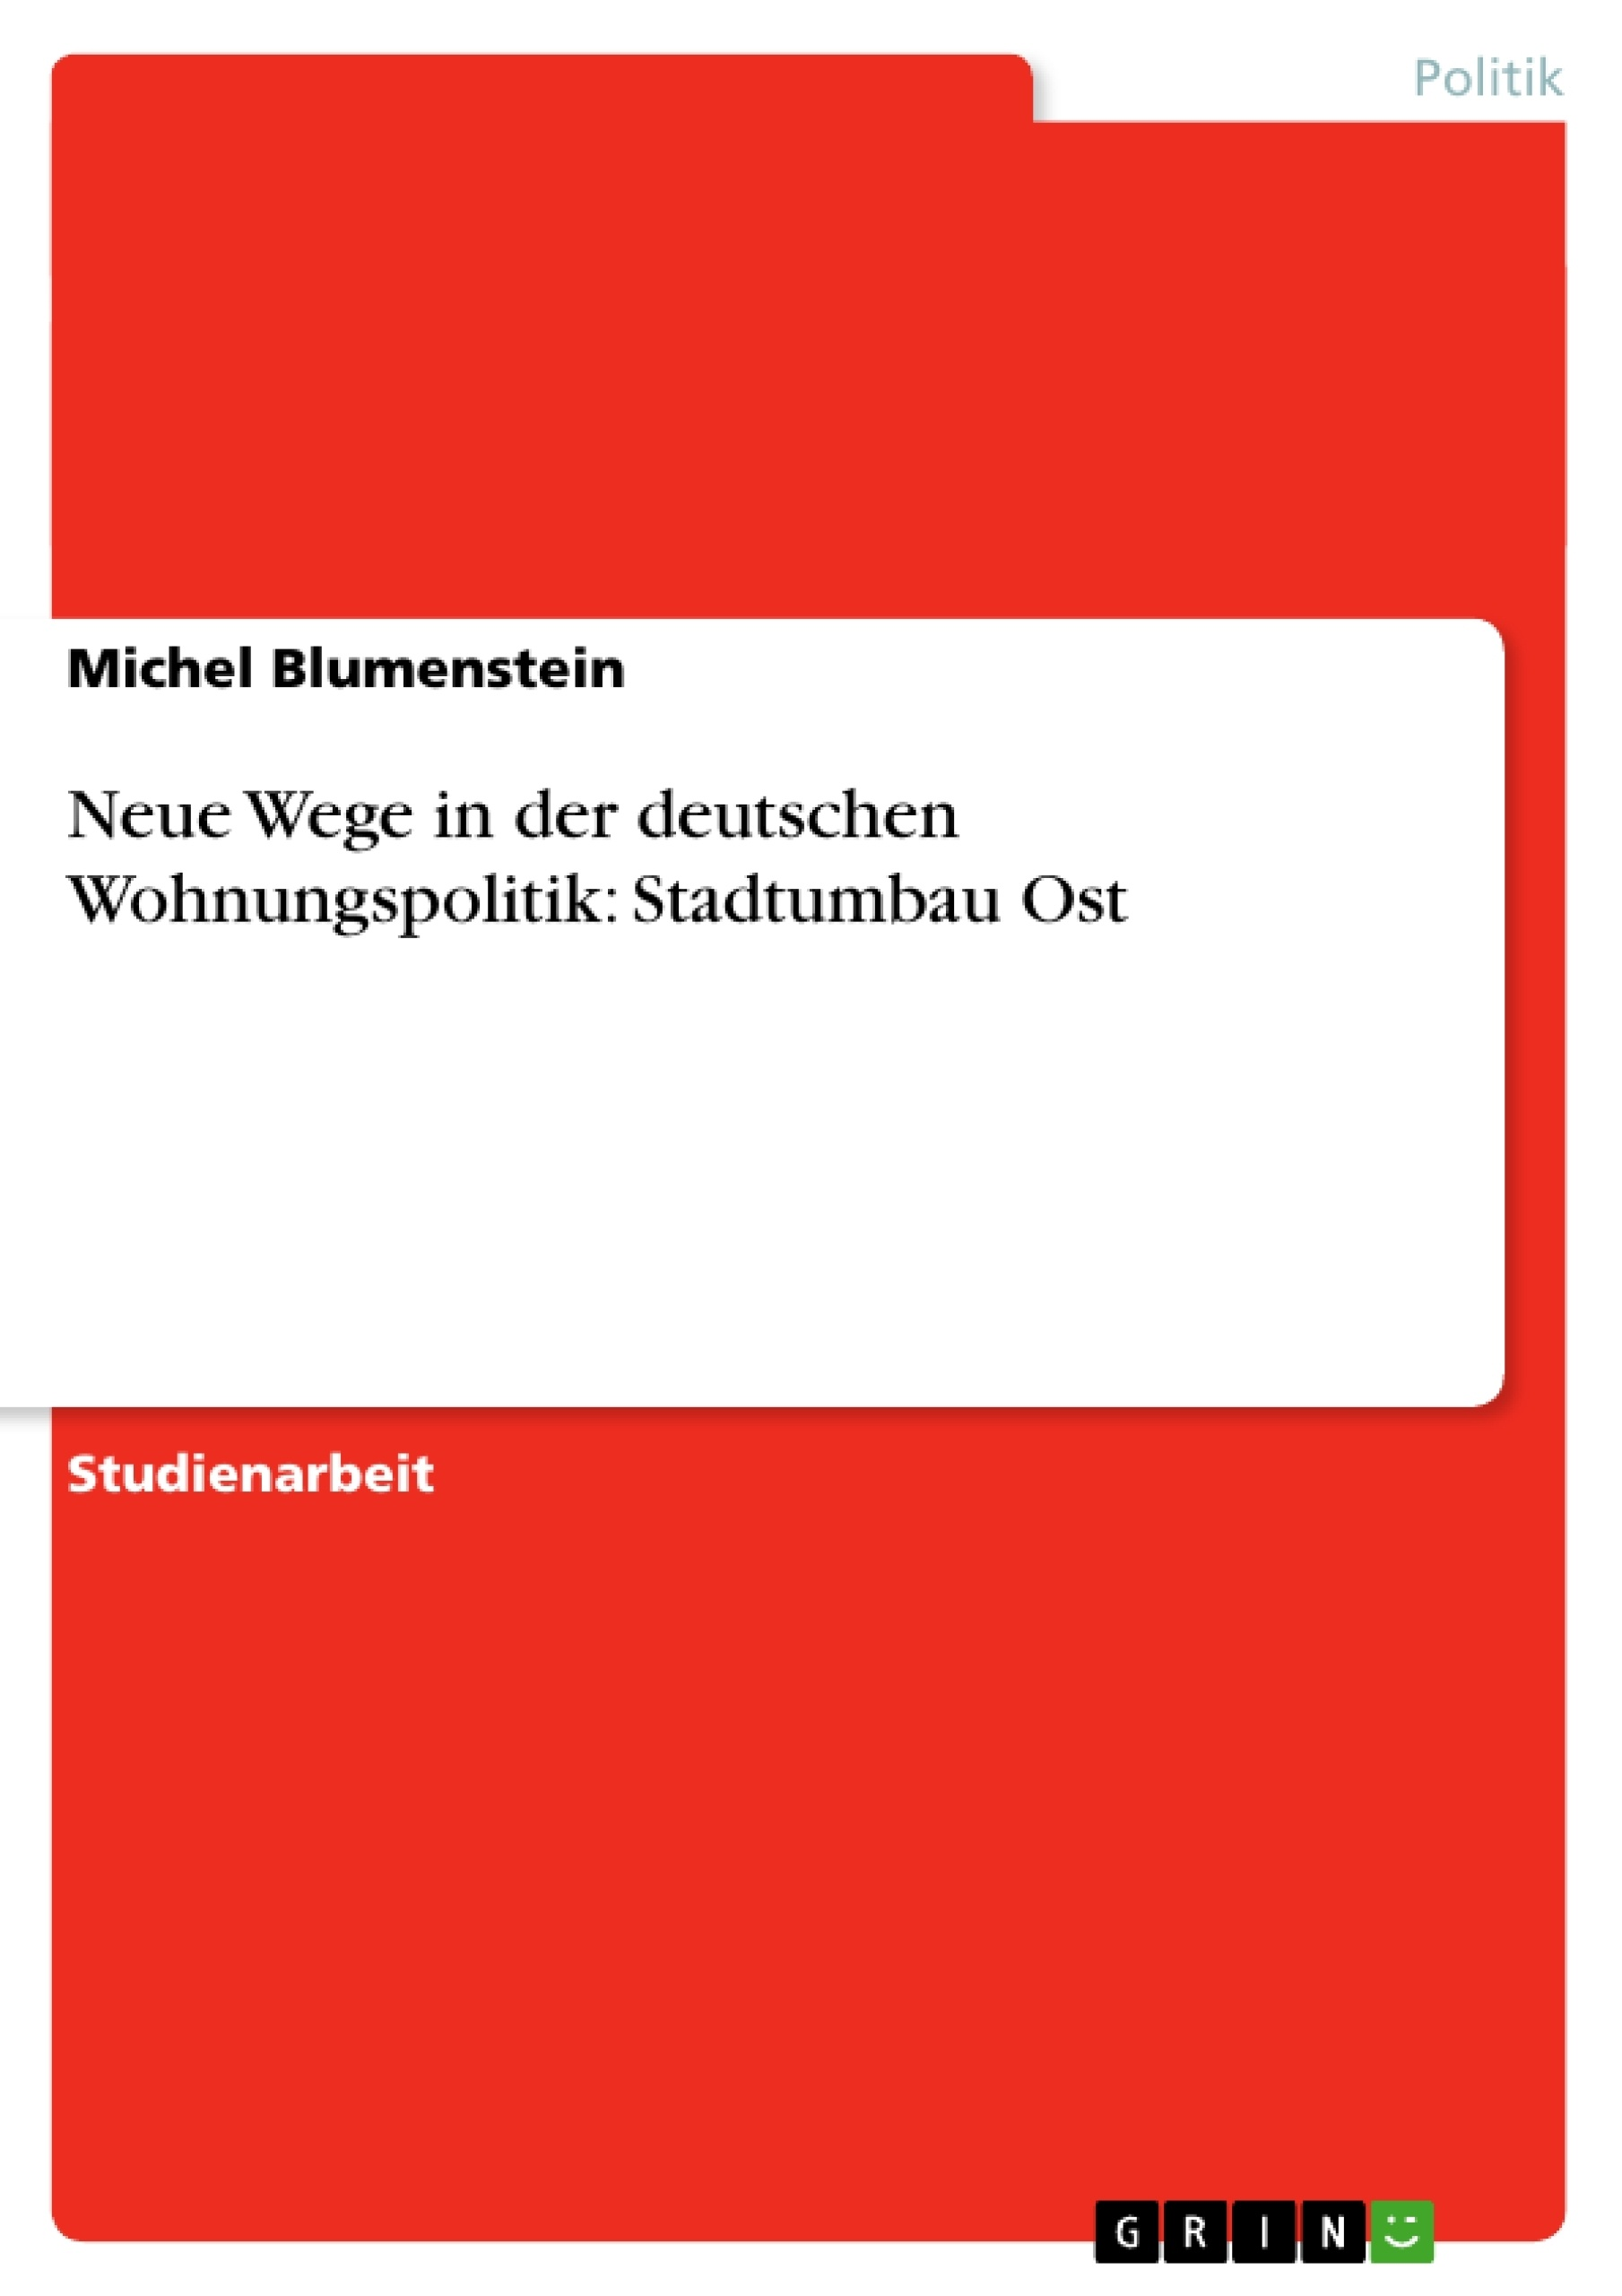 Titel: Neue Wege in der deutschen Wohnungspolitik: Stadtumbau Ost